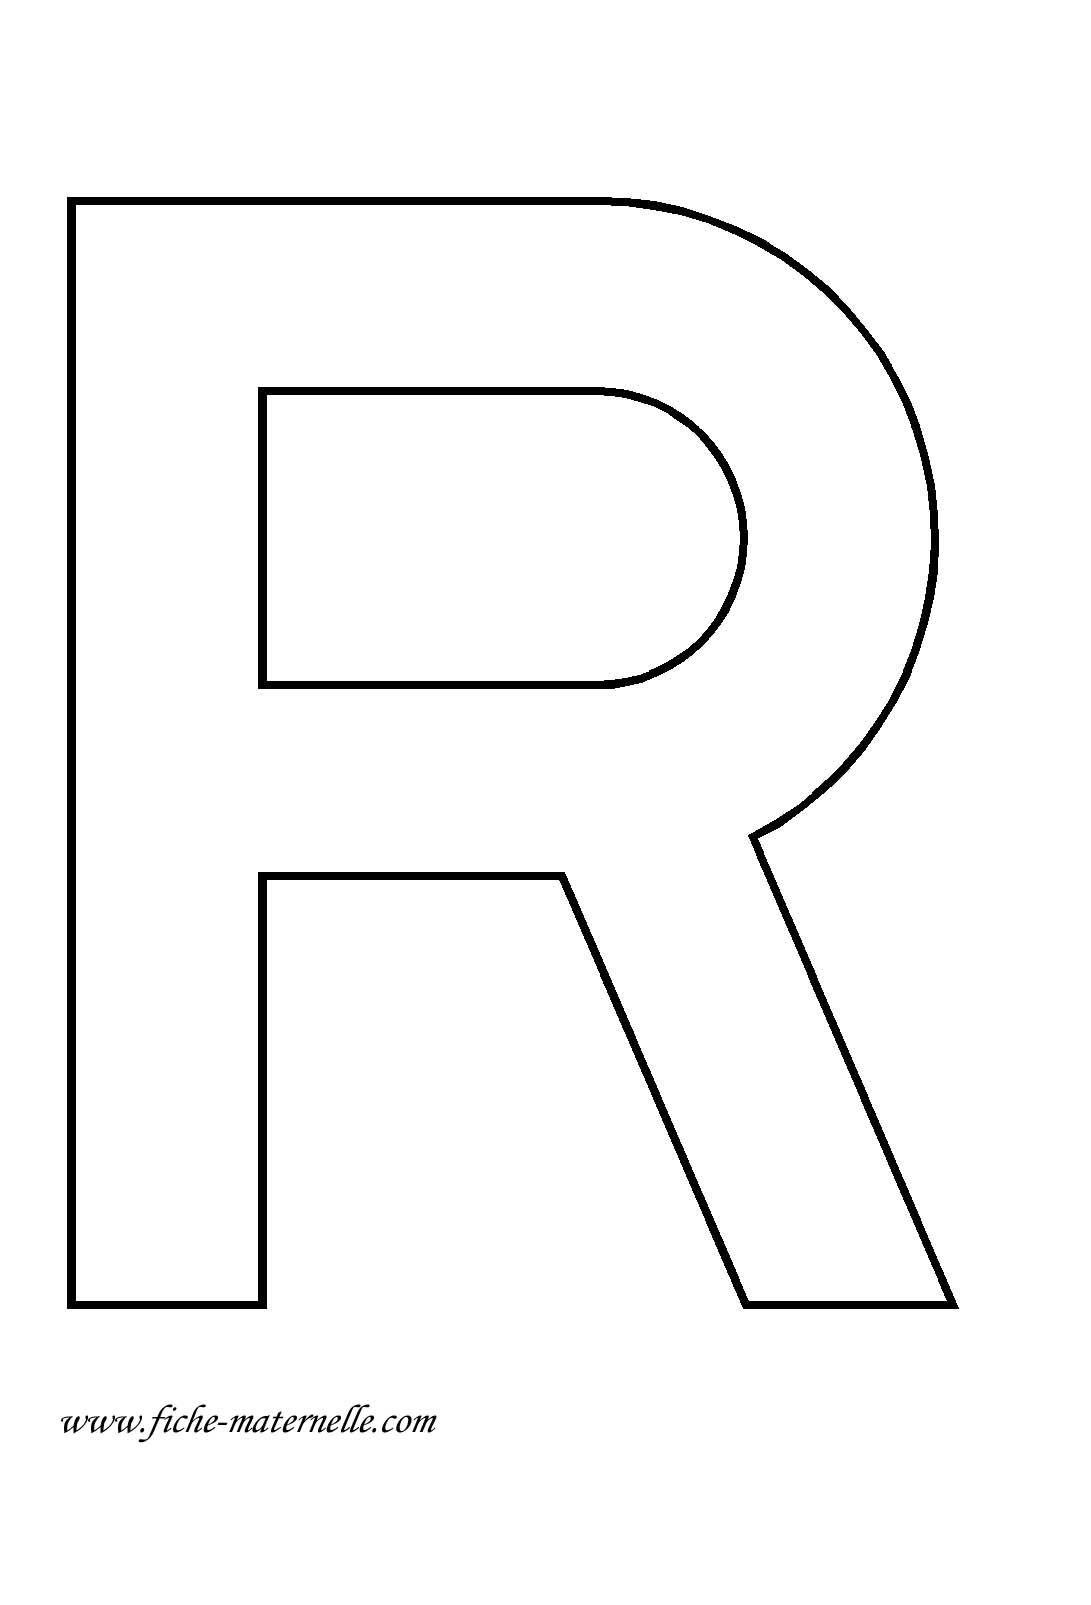 Lettre De L Alphabet A Decorer La Lettre Capitale R Lettre A Lettre Alphabet A Imprimer Lettre R